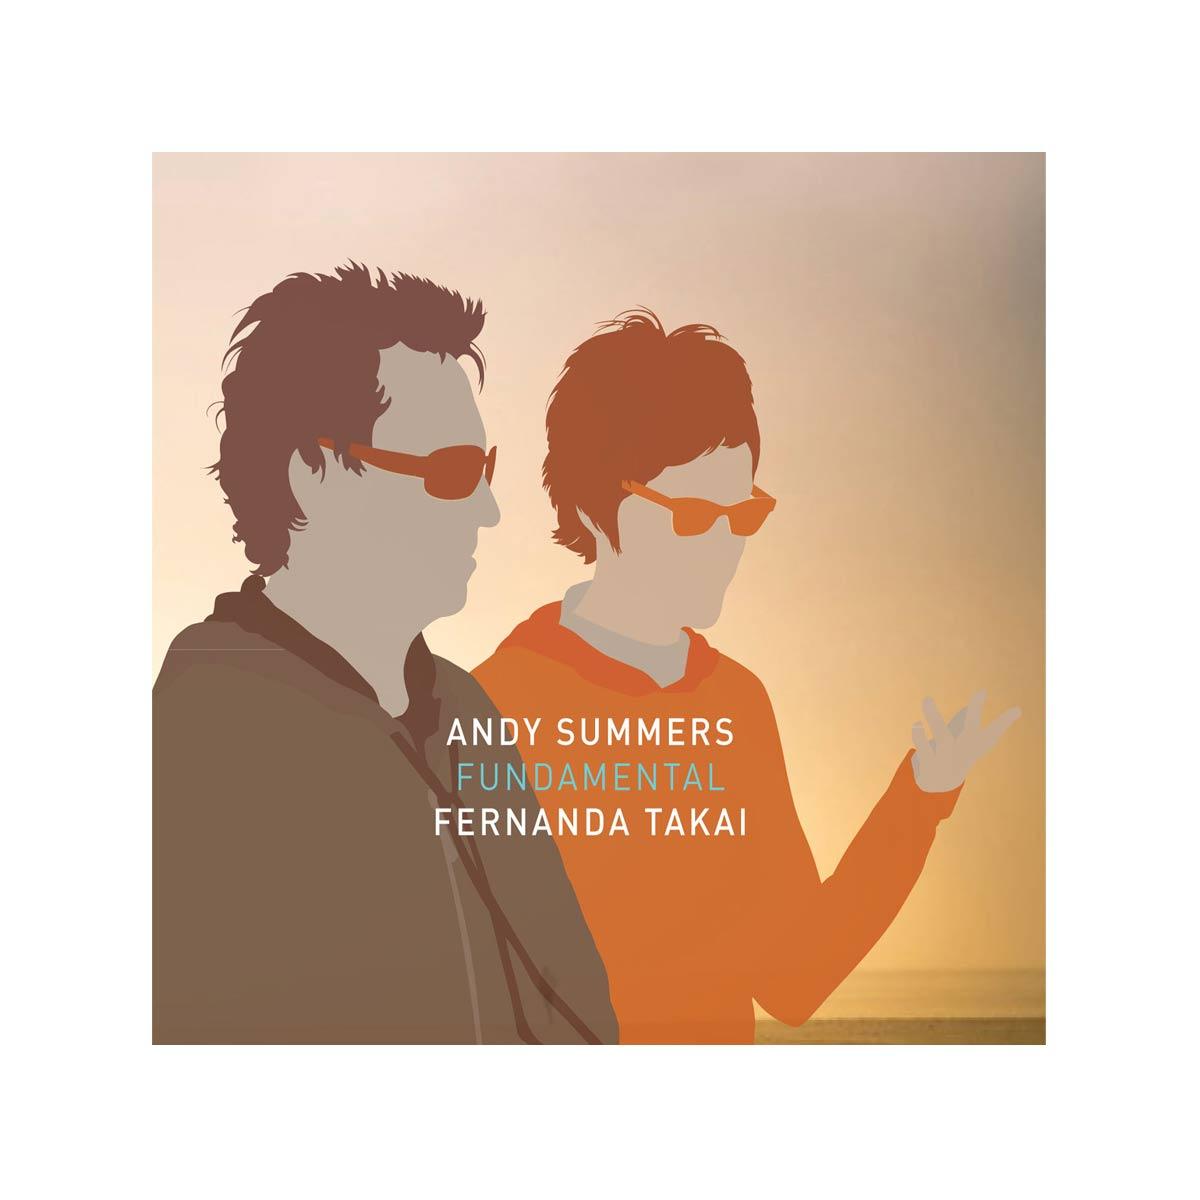 LP Andy Summers e Fernanda Takai Fundamental